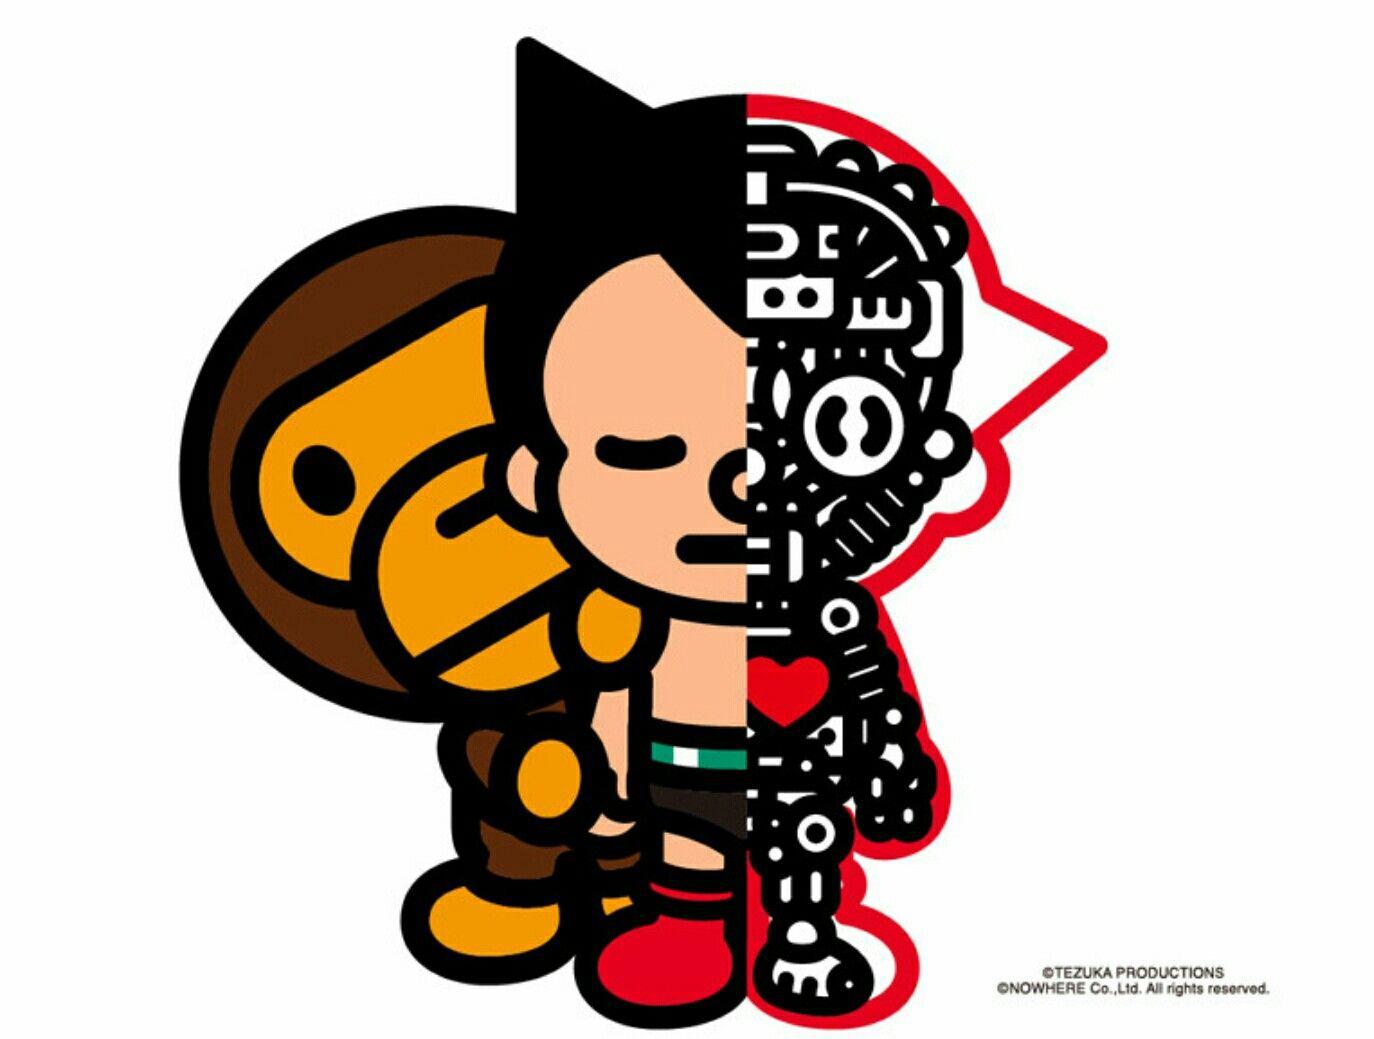 247ad258 Baby milo x Astro Boy | lit art | Astro boy, A bathing ape, Design ...